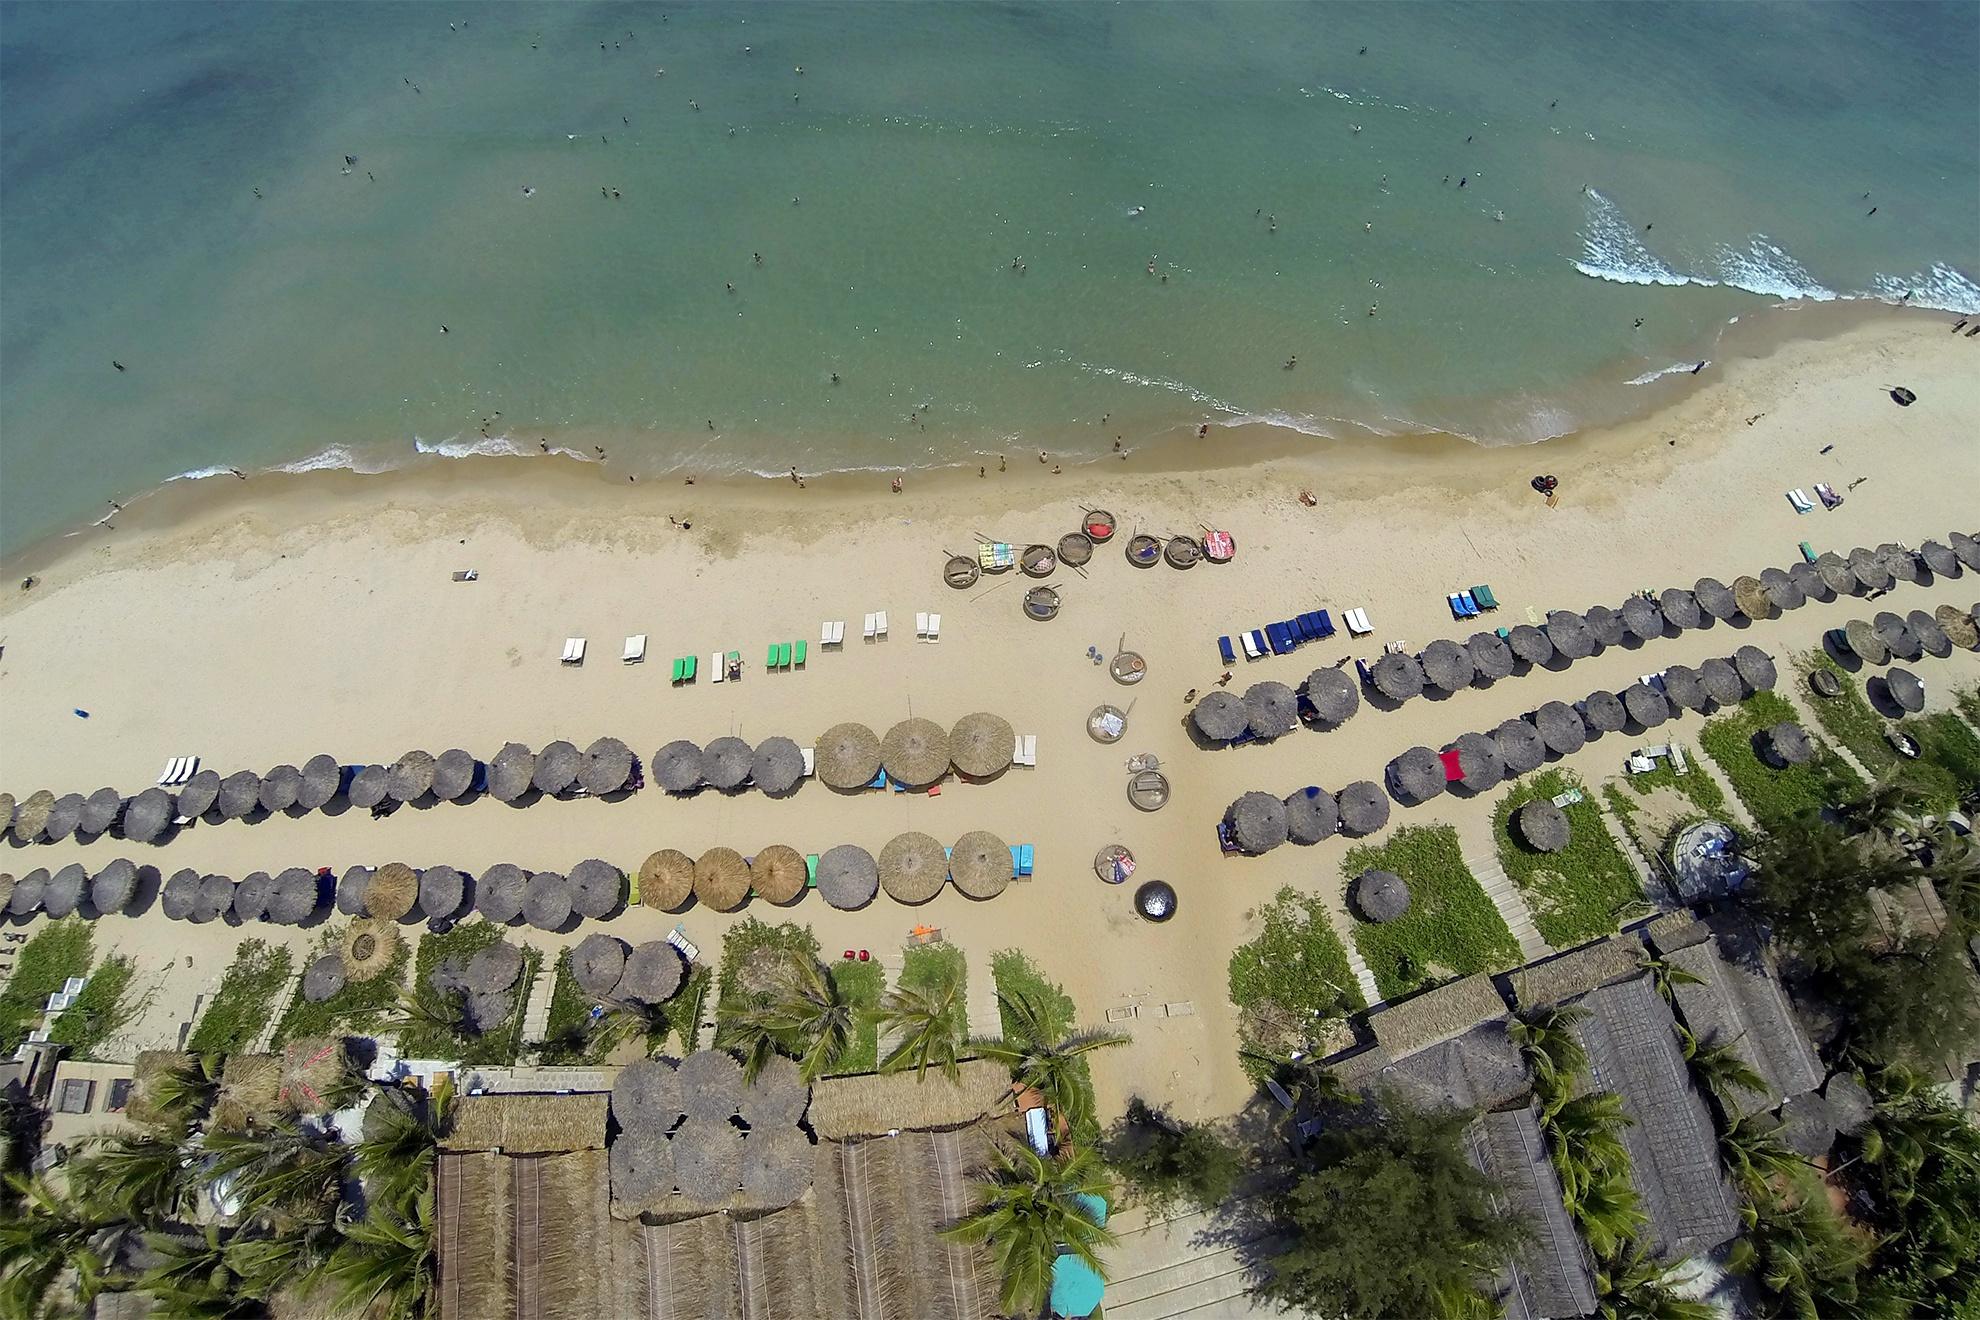 Viet Nam anh 2  - 11_zing-1 - An Bàng, Mỹ Khê vào top 25 bãi biển đẹp nhất châu Á